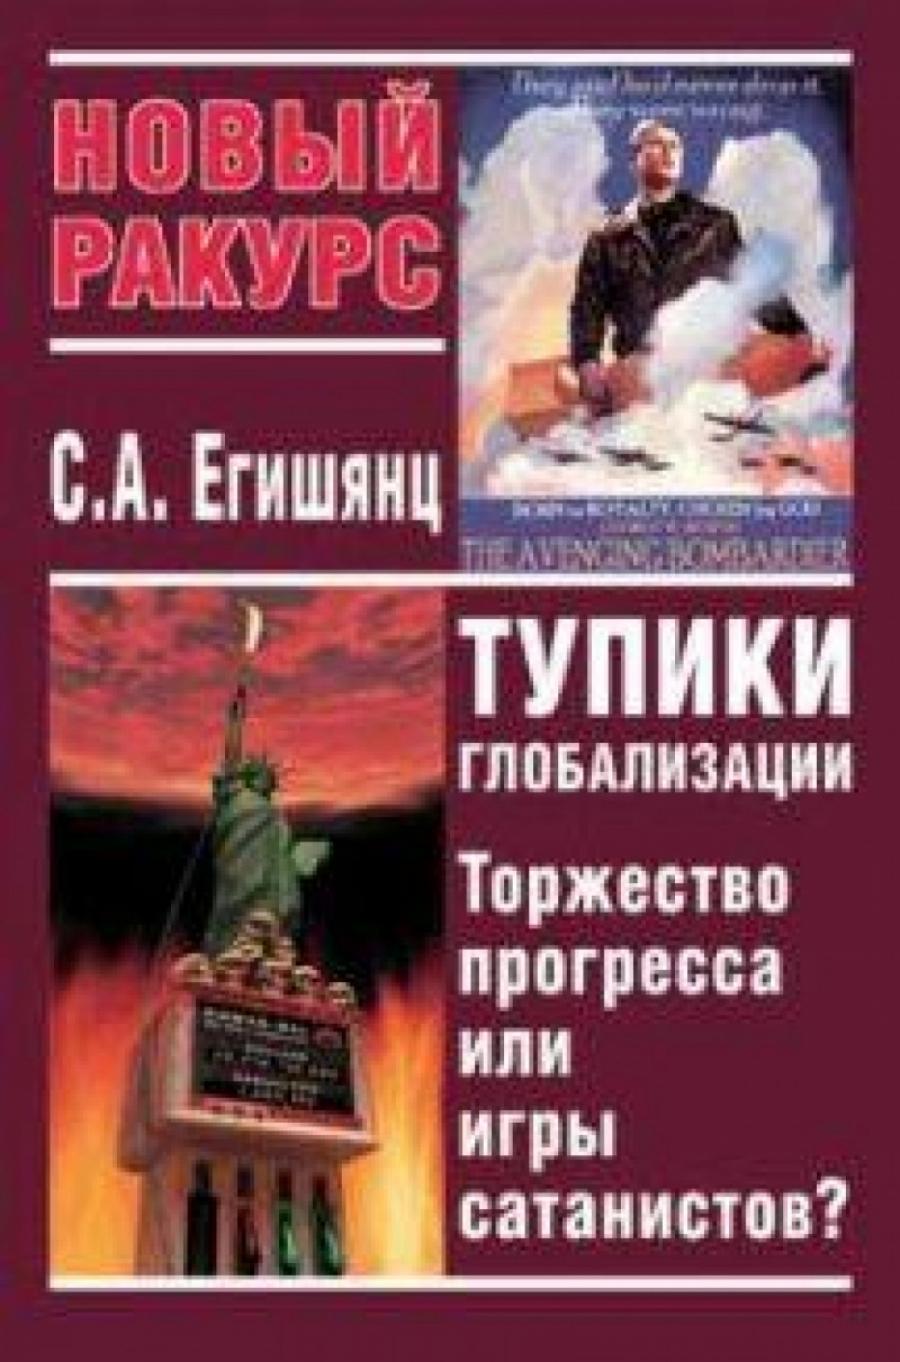 Обложка книги:  егишянц с.а. - тупики глобализации торжество прогресса или игры сатанистов